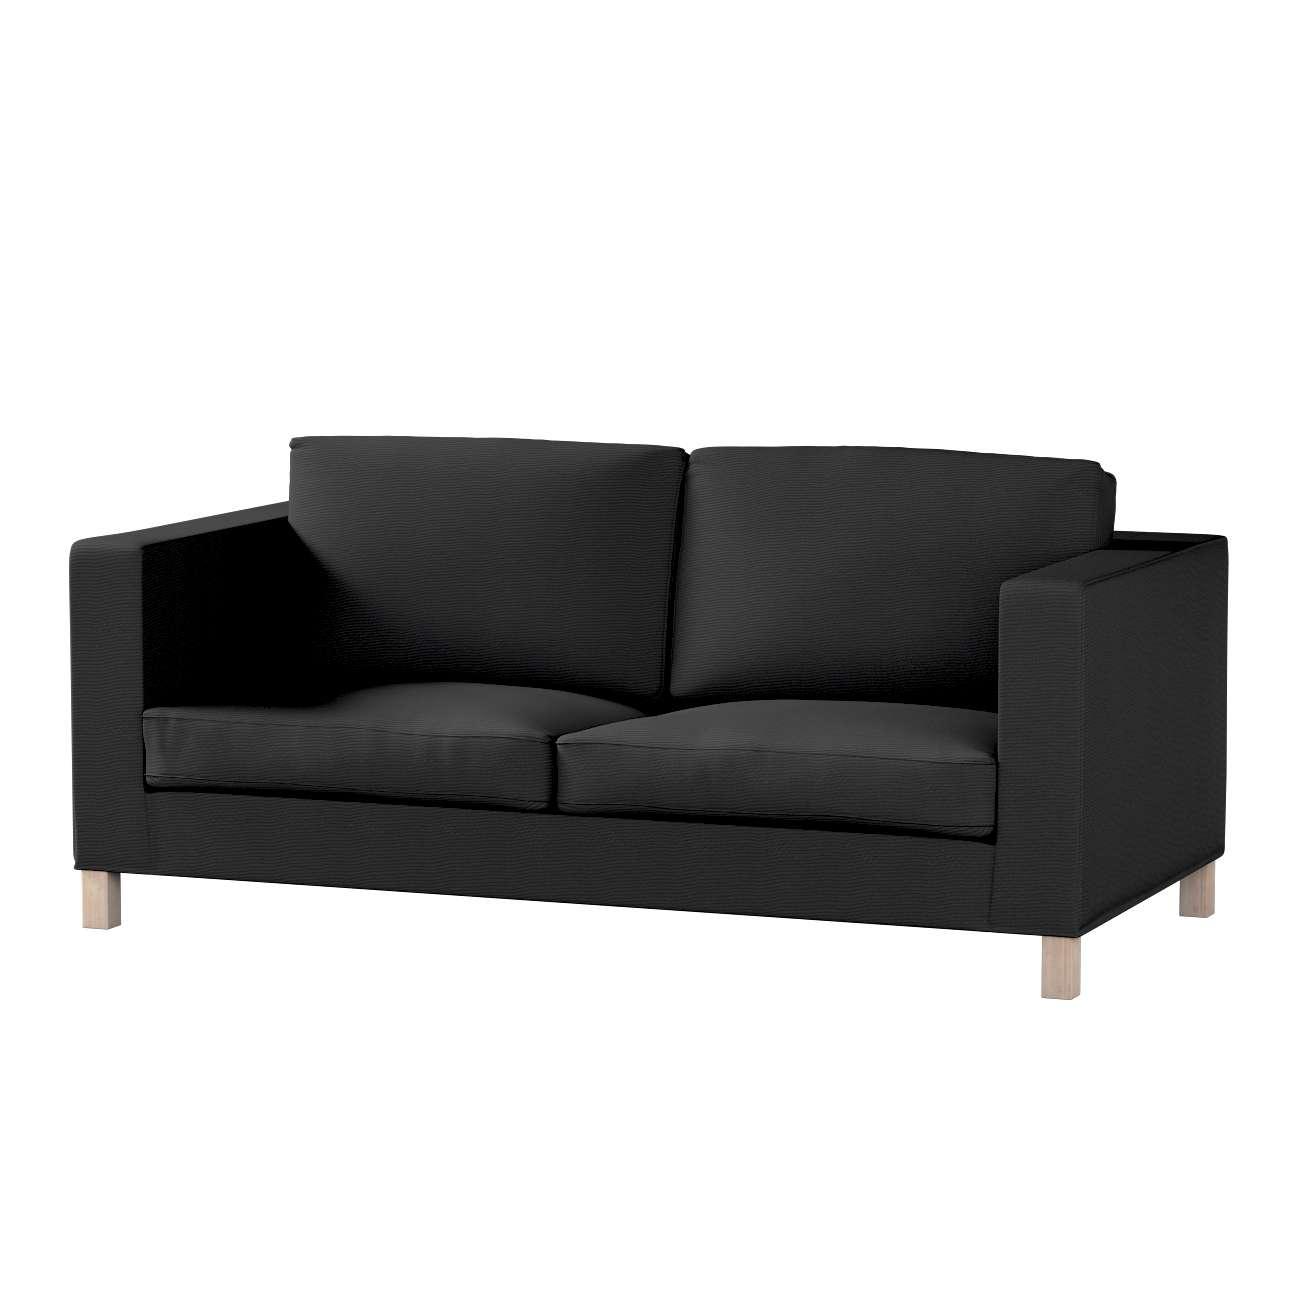 KARLANDA sofos lovos užvalkalas KARLANDA sofos lovos užvalkalas kolekcijoje Etna , audinys: 705-00